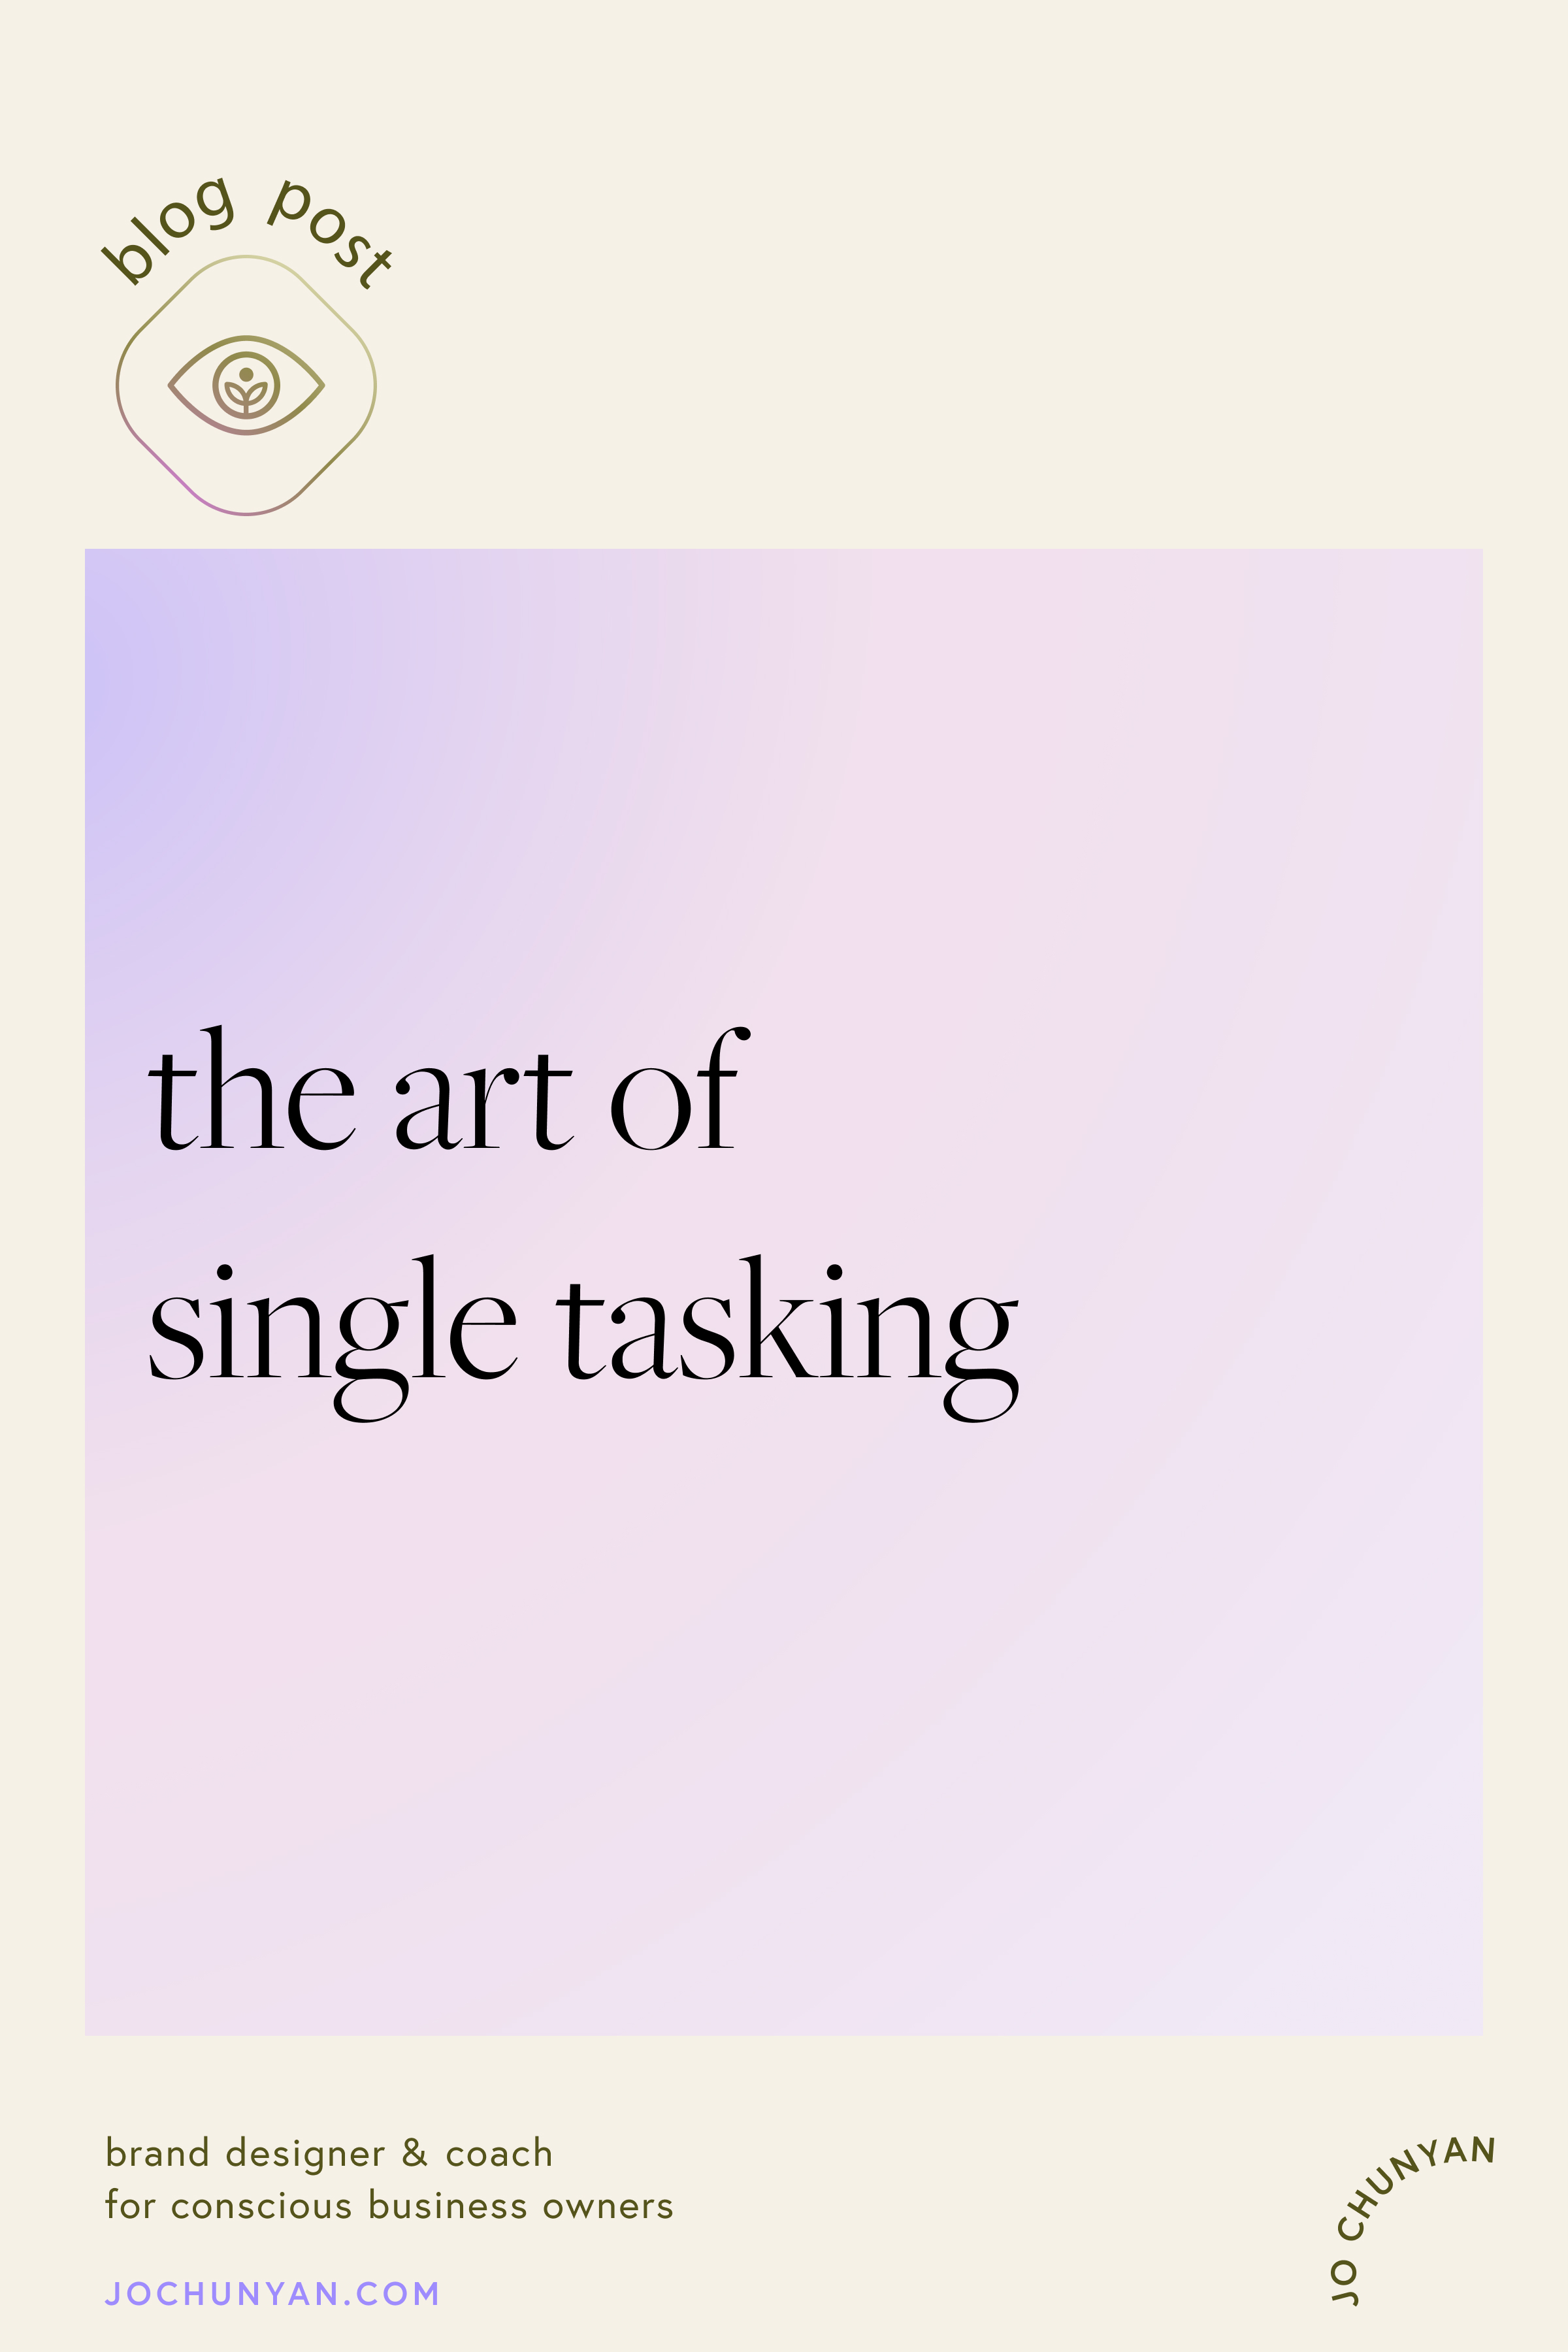 The art of single tasking